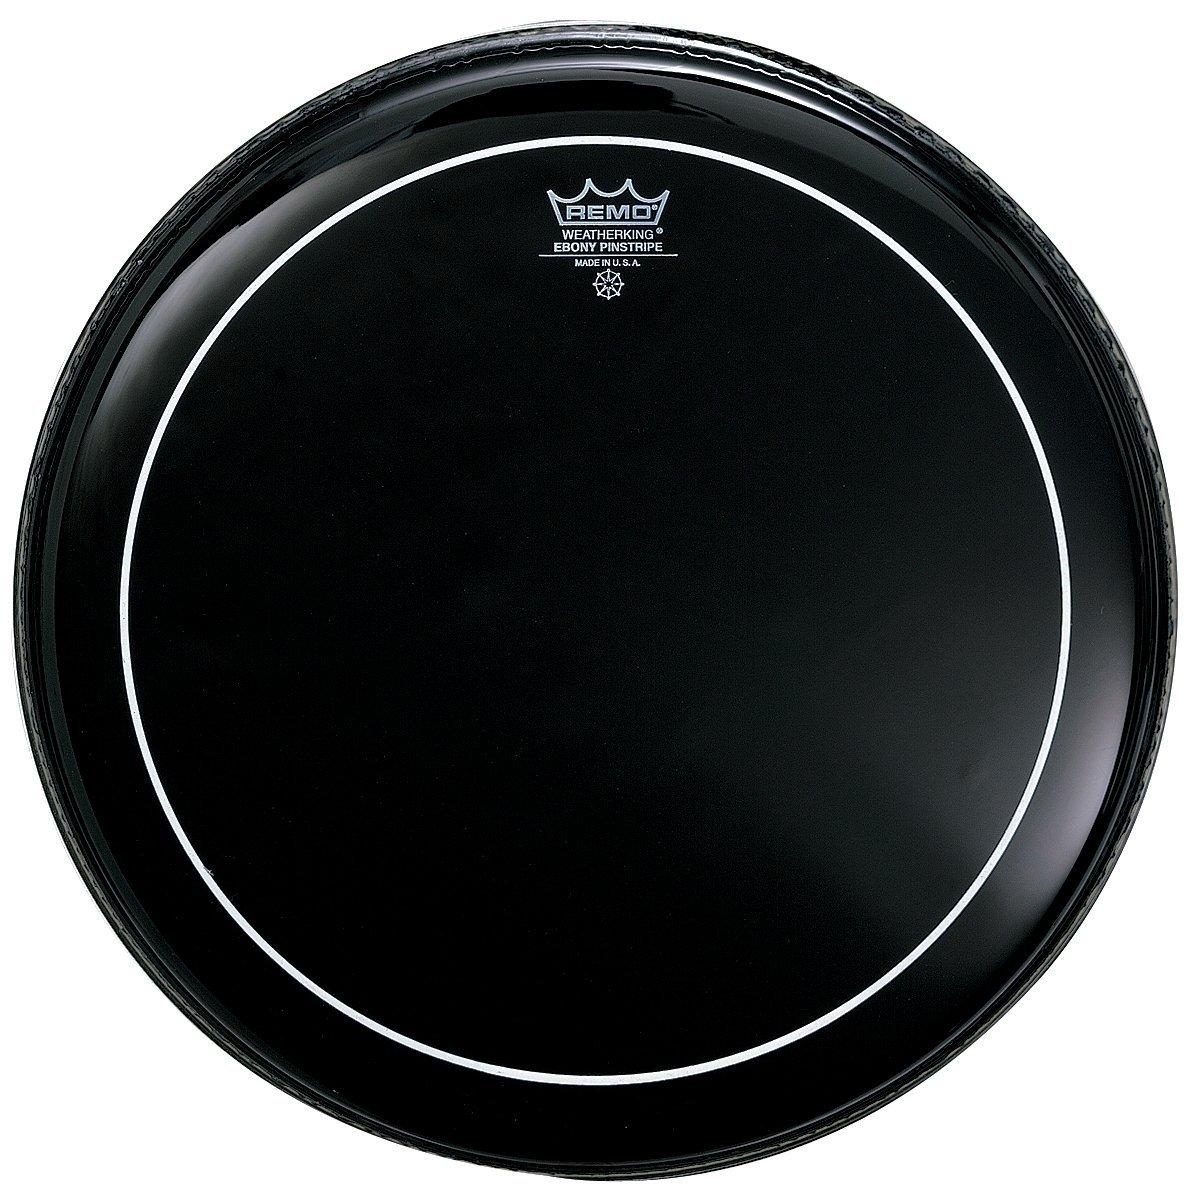 Remo ES0616PS Ebony Pinstripe Drum Head, 16-Inch